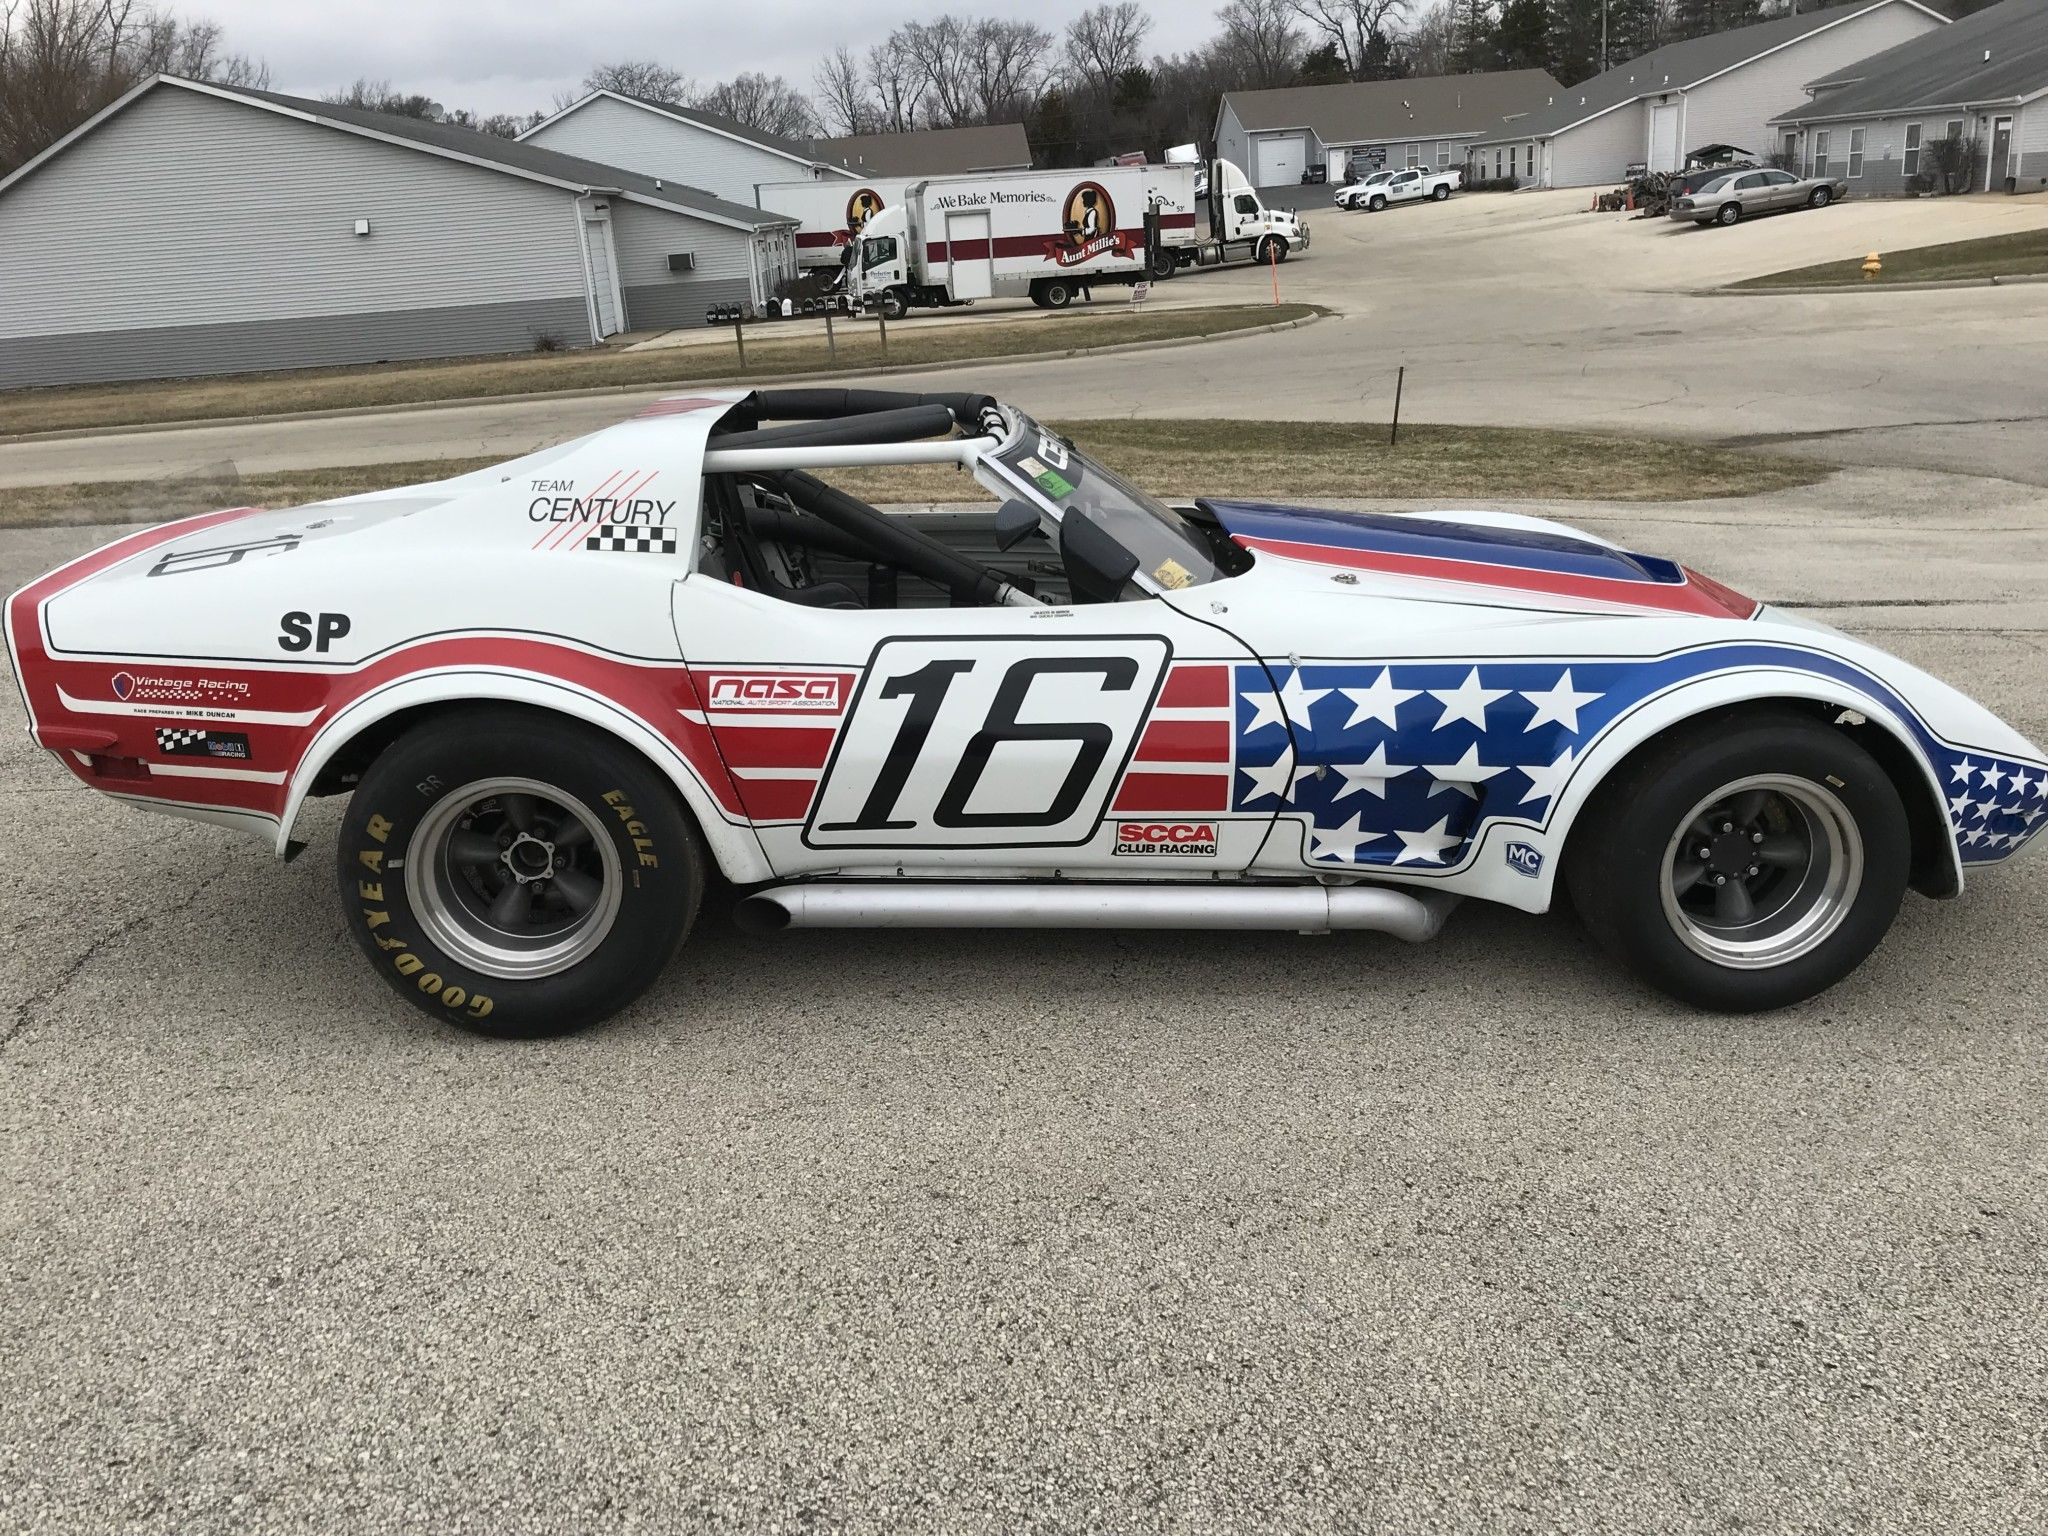 1973 Chevrolet Corvette Race Car Corvette Race Car Race Cars Chevrolet Corvette